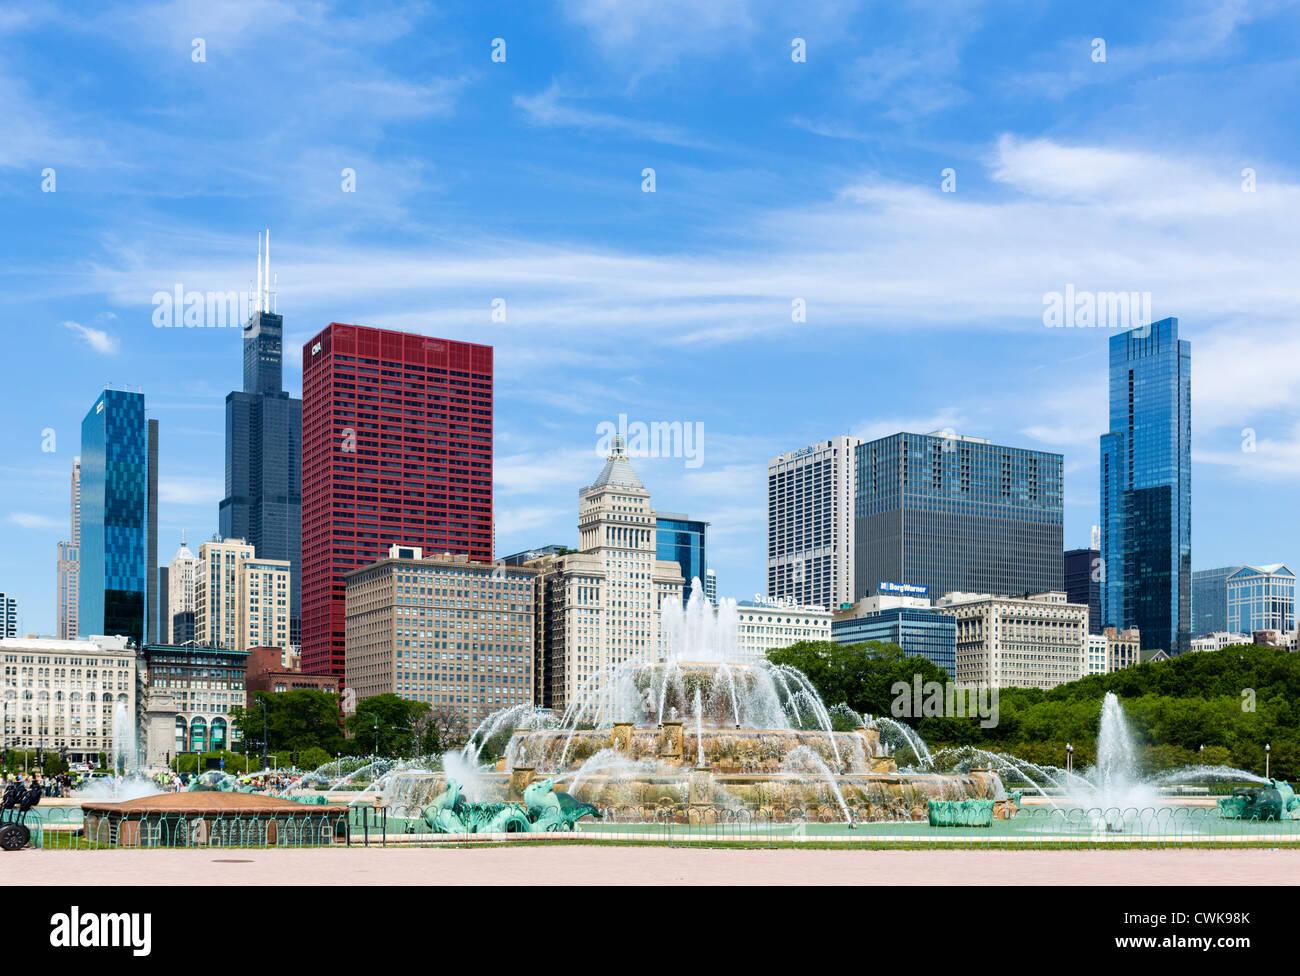 La fontaine de Buckingham en face du centre-ville ville, Grant Park, Chicago, Illinois, États-Unis Photo Stock